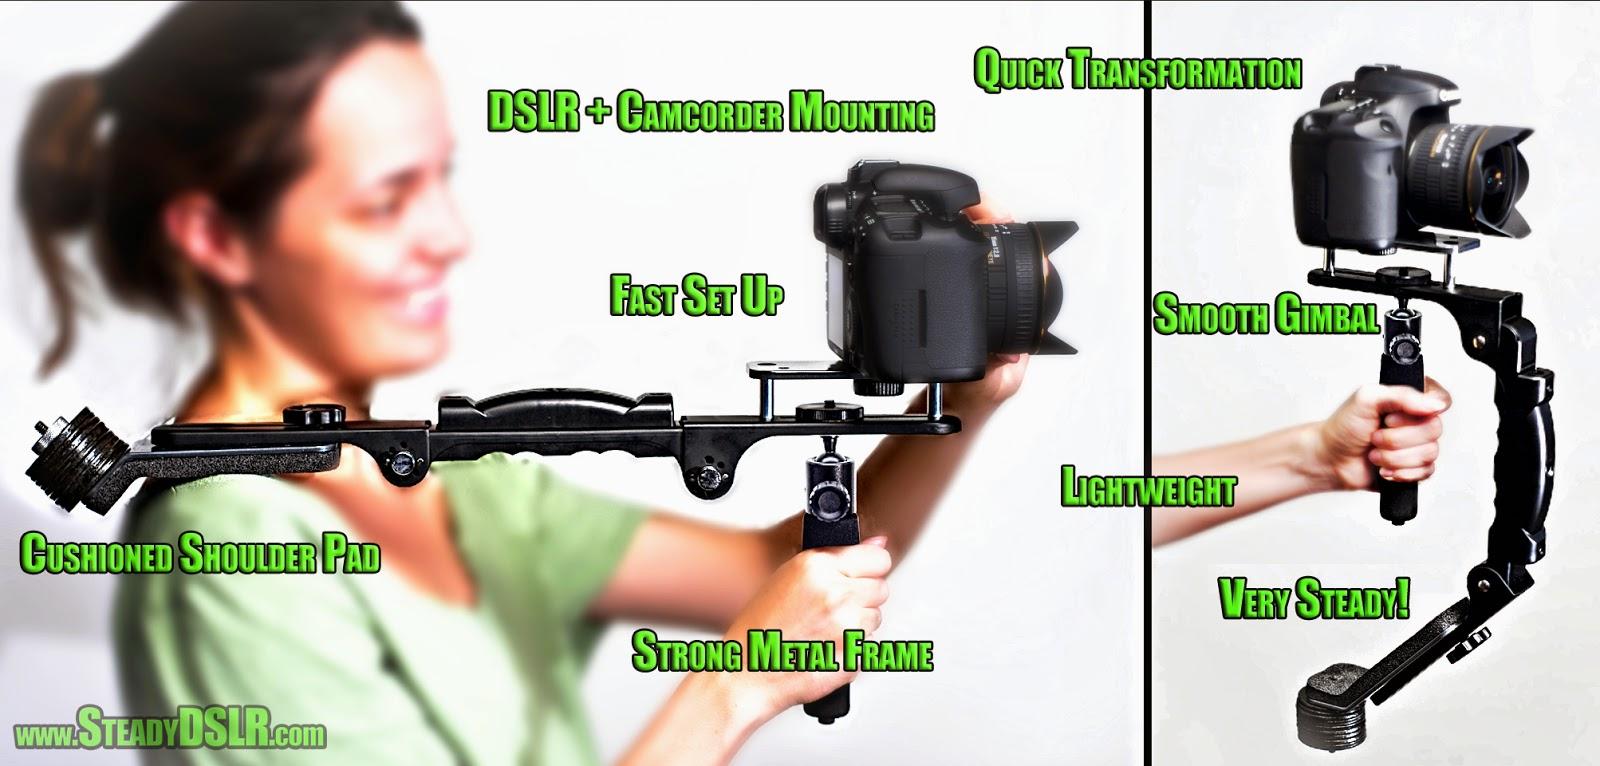 Camera Dslr Video Camera Stabilizer check out this two in one video camera stabilizer a glidecam glidecamsteadicam shoulder support